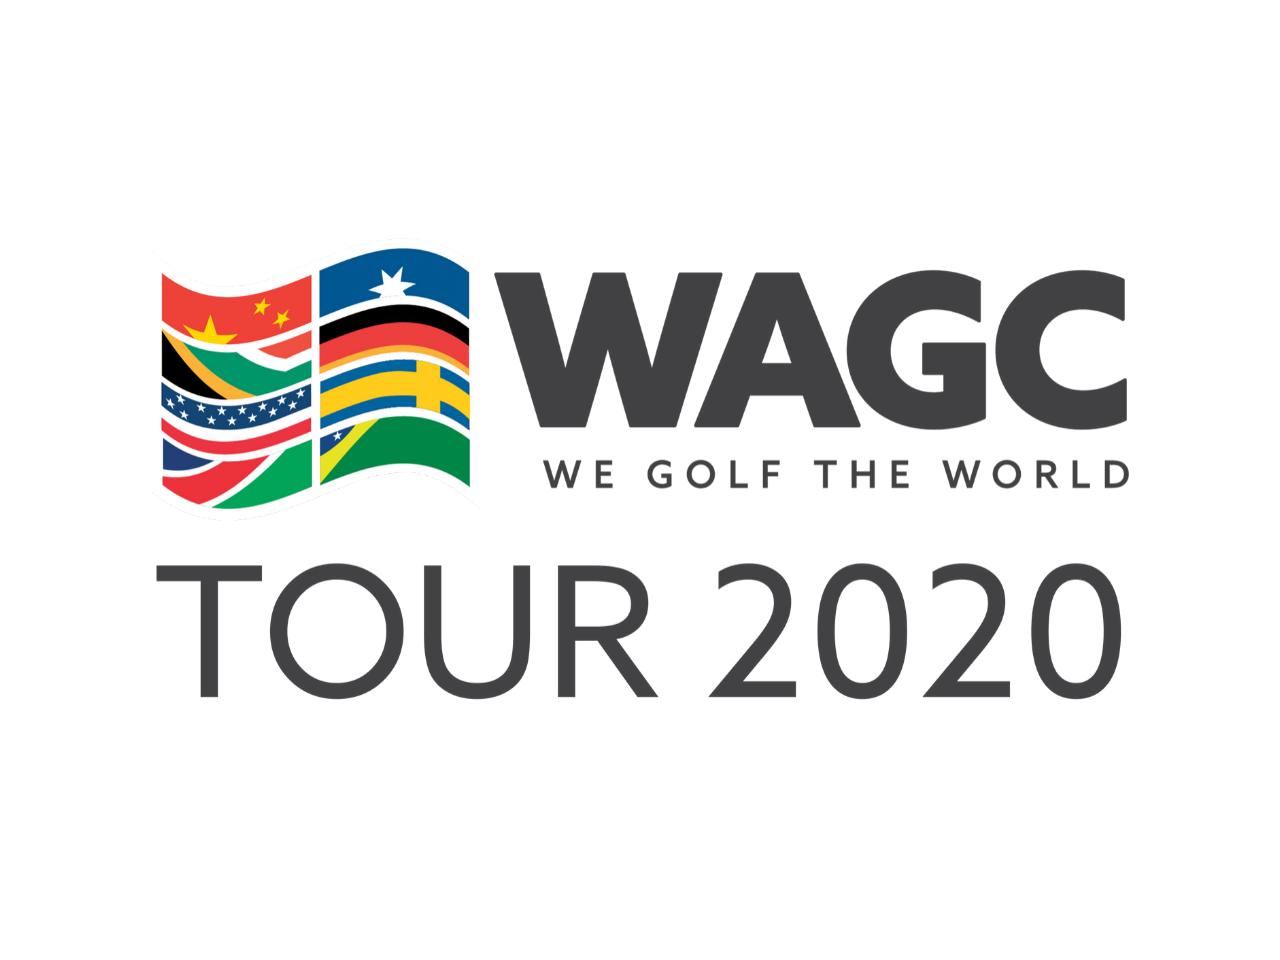 WTM_WAGC_Tour_1280x960_Rounded